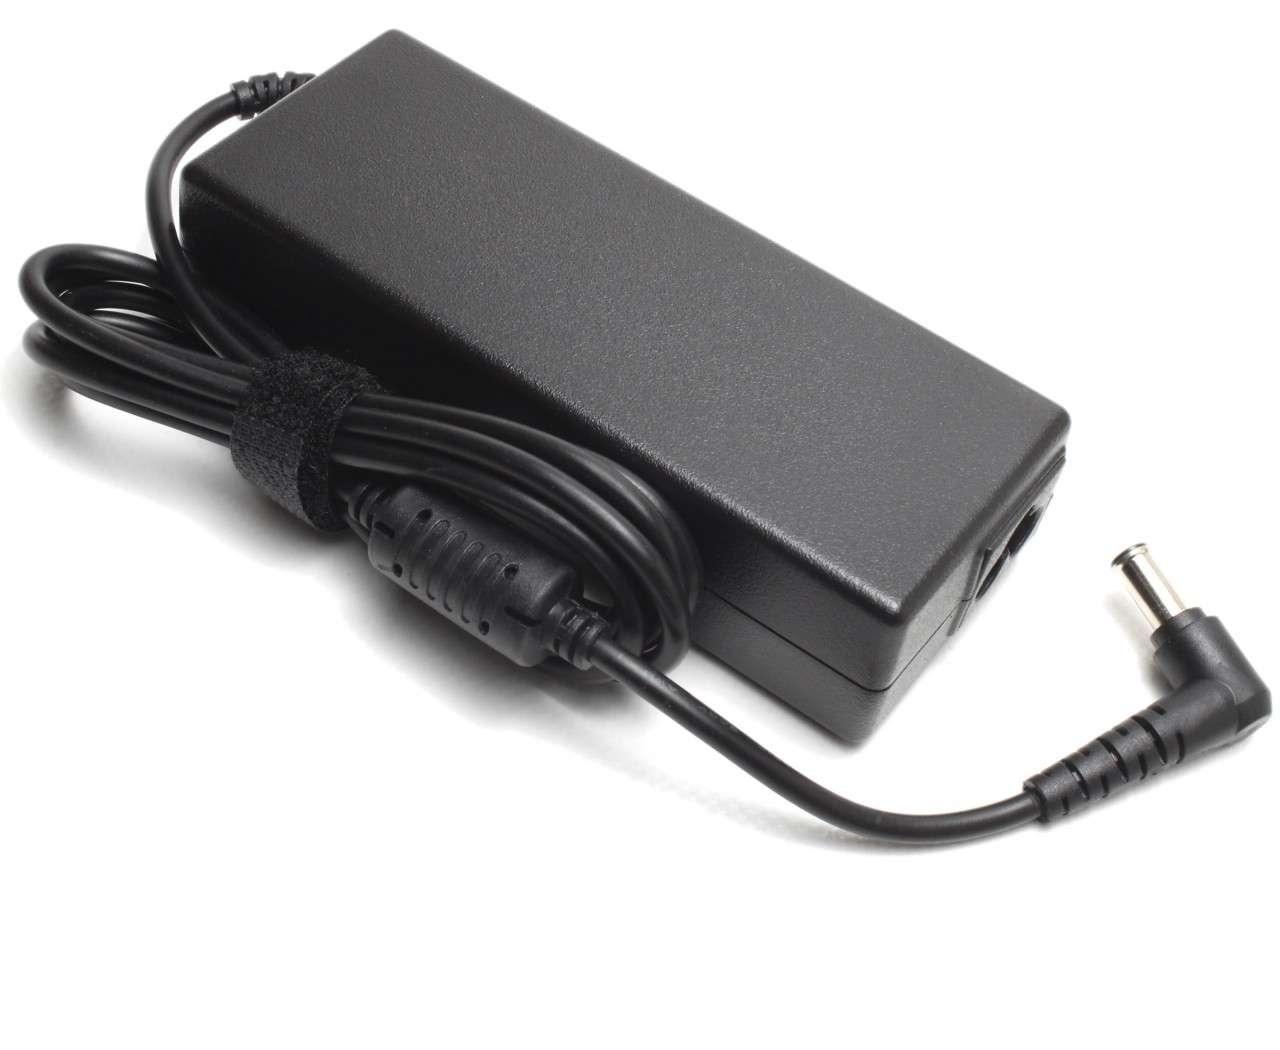 Incarcator Sony Vaio VPCEB15FX Replacement imagine powerlaptop.ro 2021